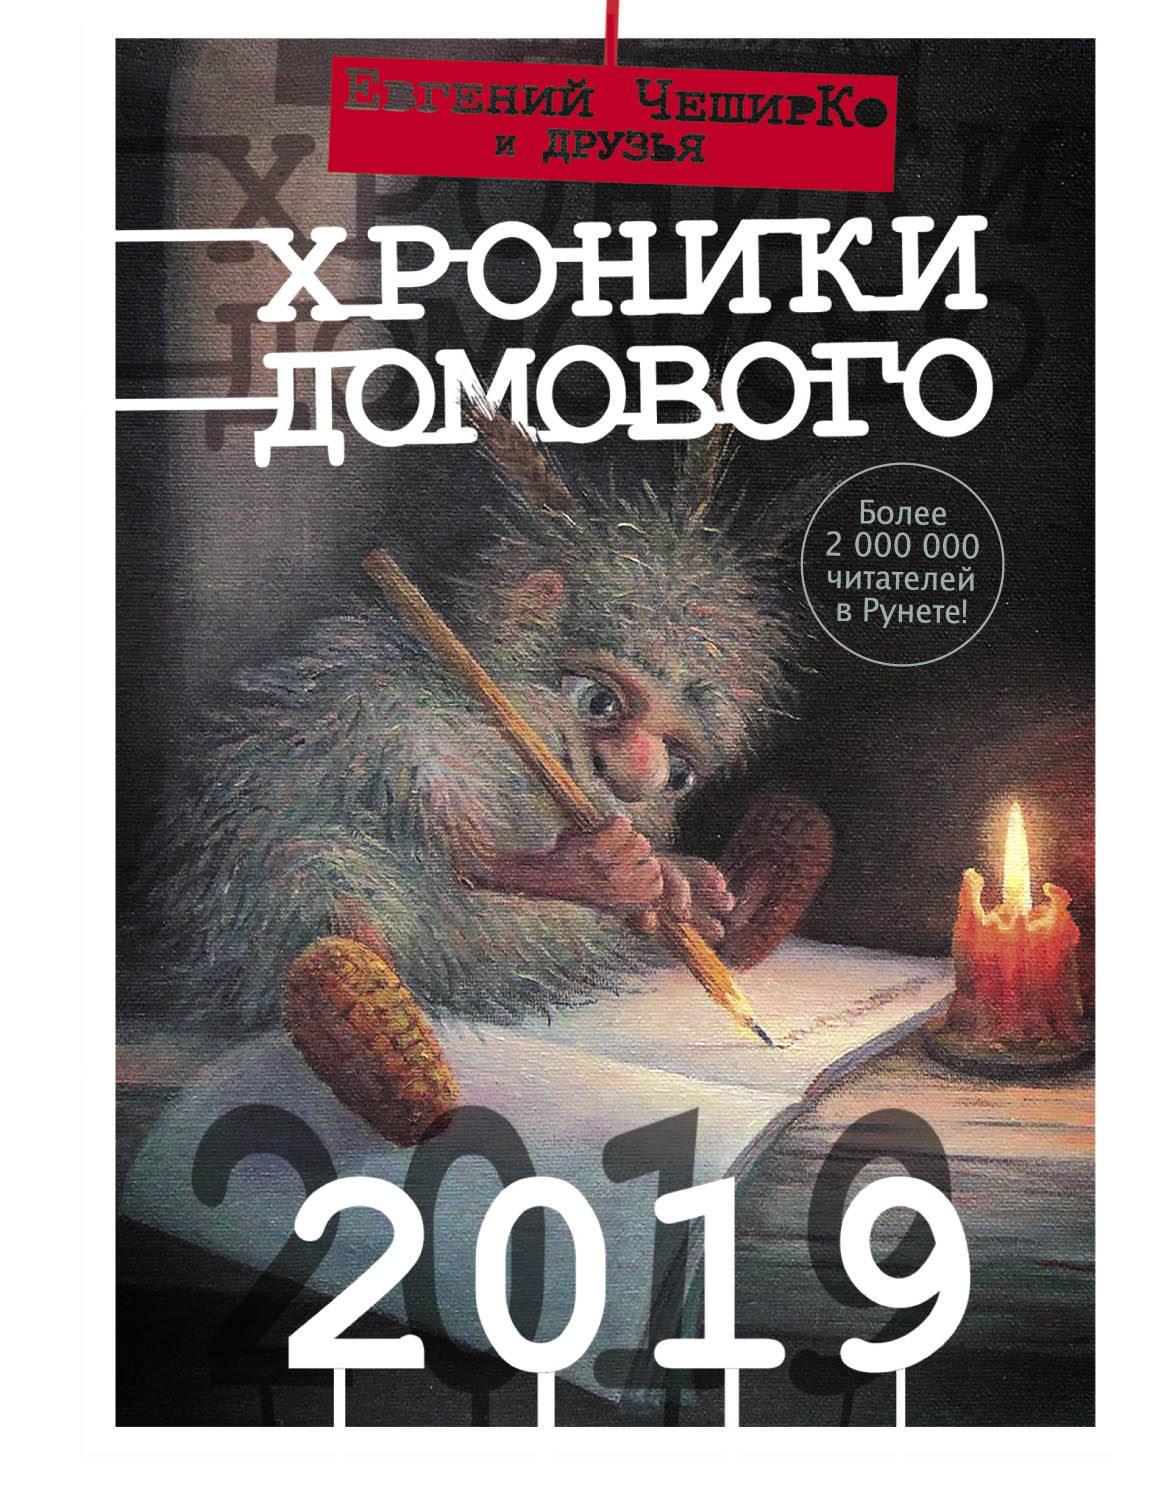 Евгений ЧеширКо Хроники Домового. 2019